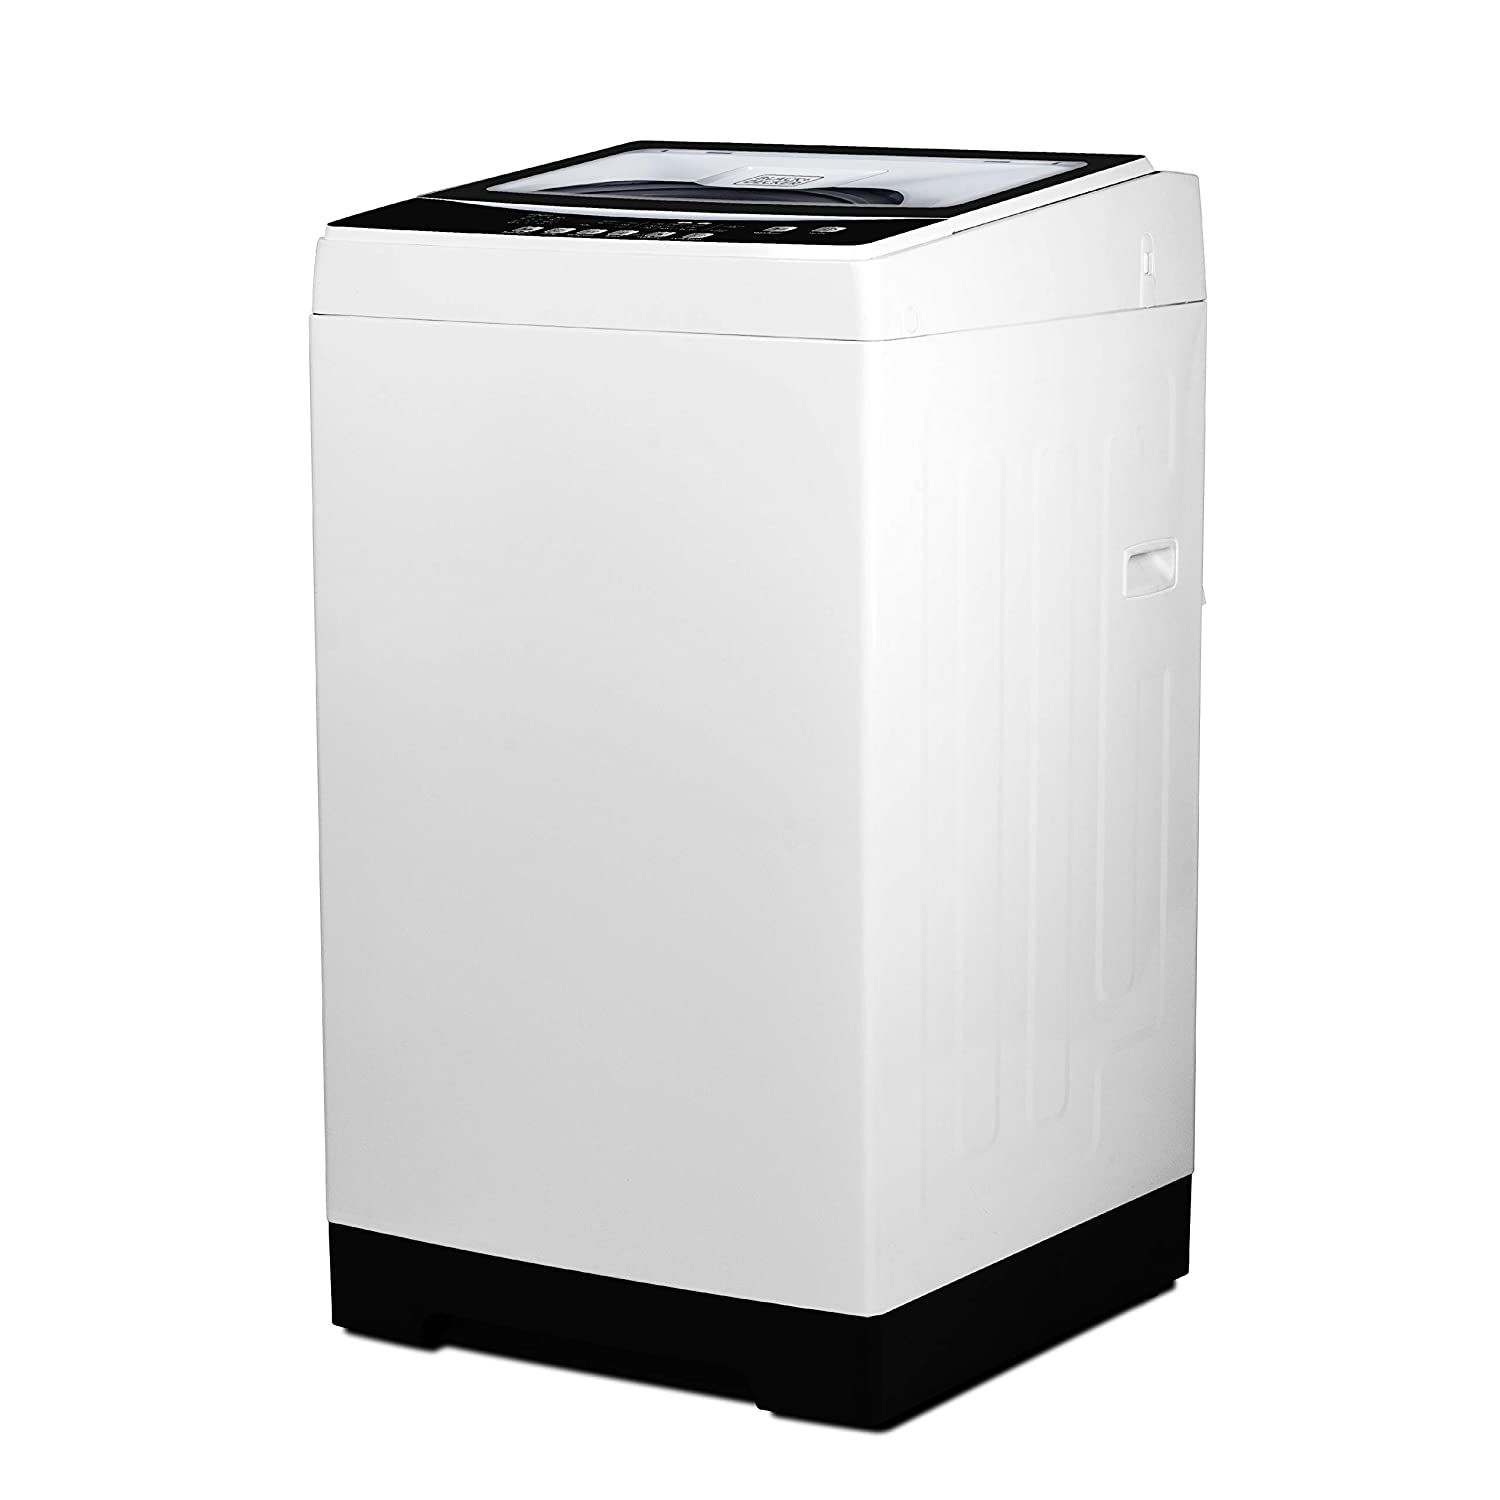 BLACK+DECKER BPWM16W Portable Washer